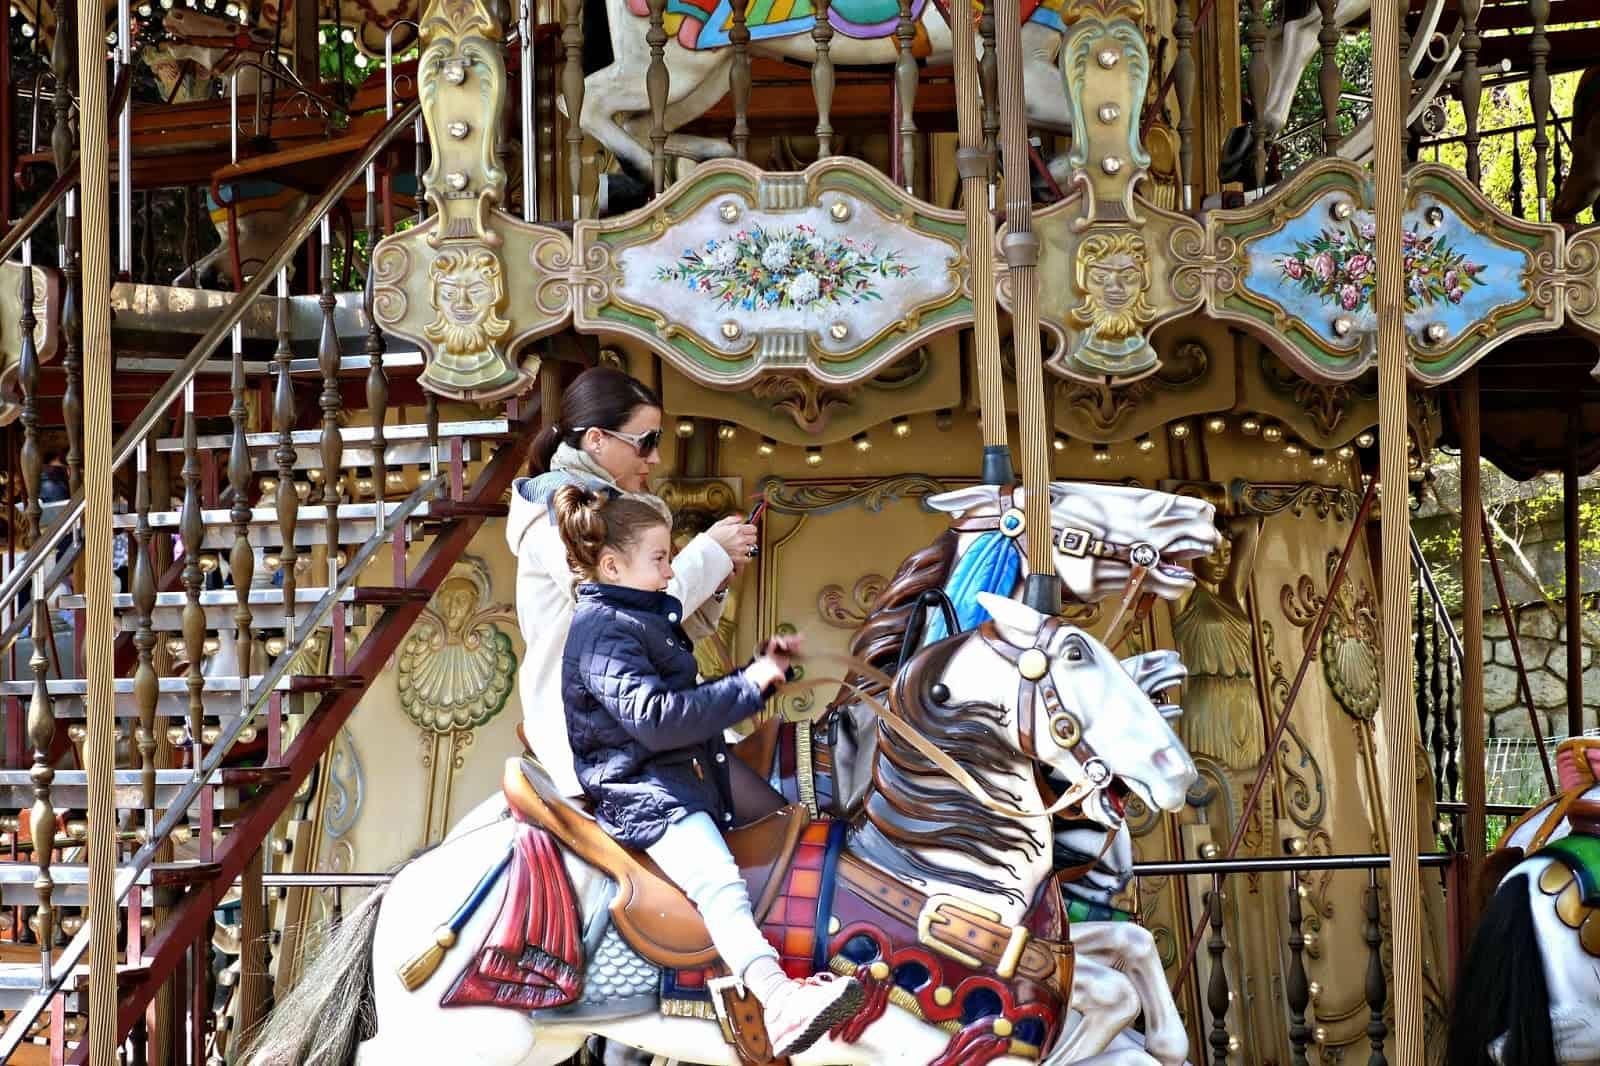 El Carrusel, el gran juguete de los niños